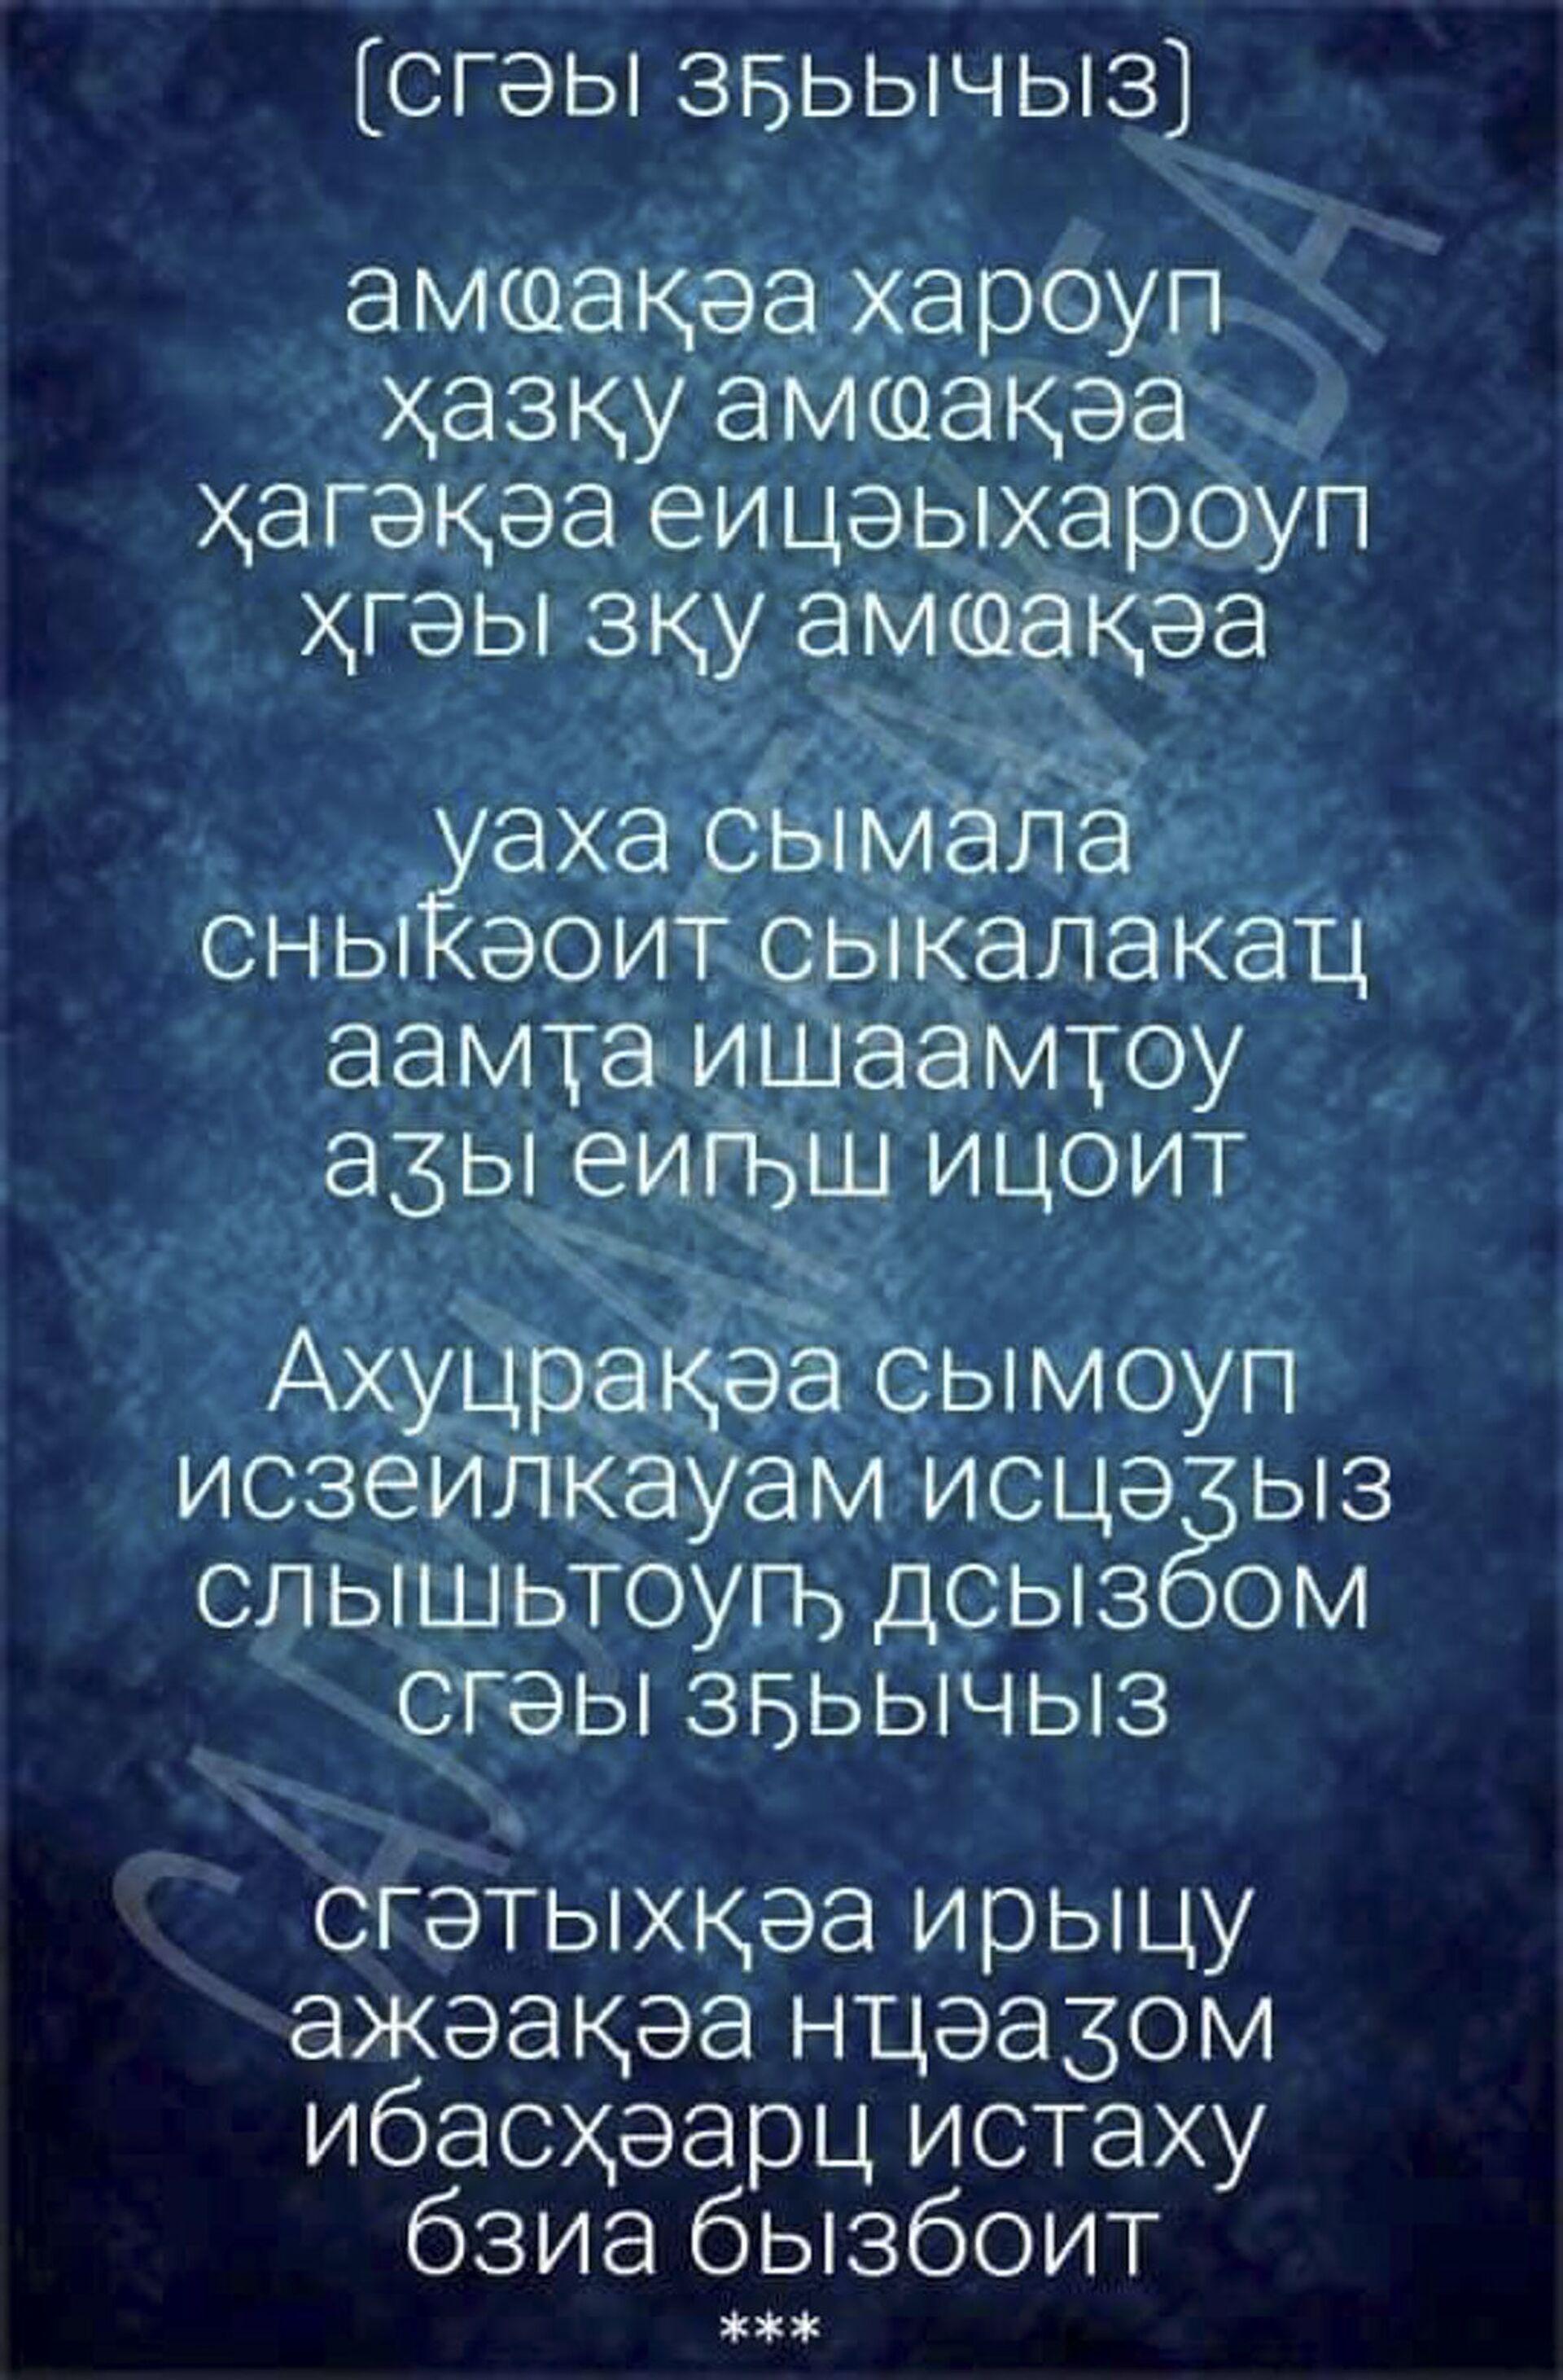 Баграт Шьынқәба ҿырԥшыс дсымоуп: Абдуллаҳ Салуман Бӷажәба иҟазара иазкны - Sputnik Аҧсны, 1920, 27.06.2021